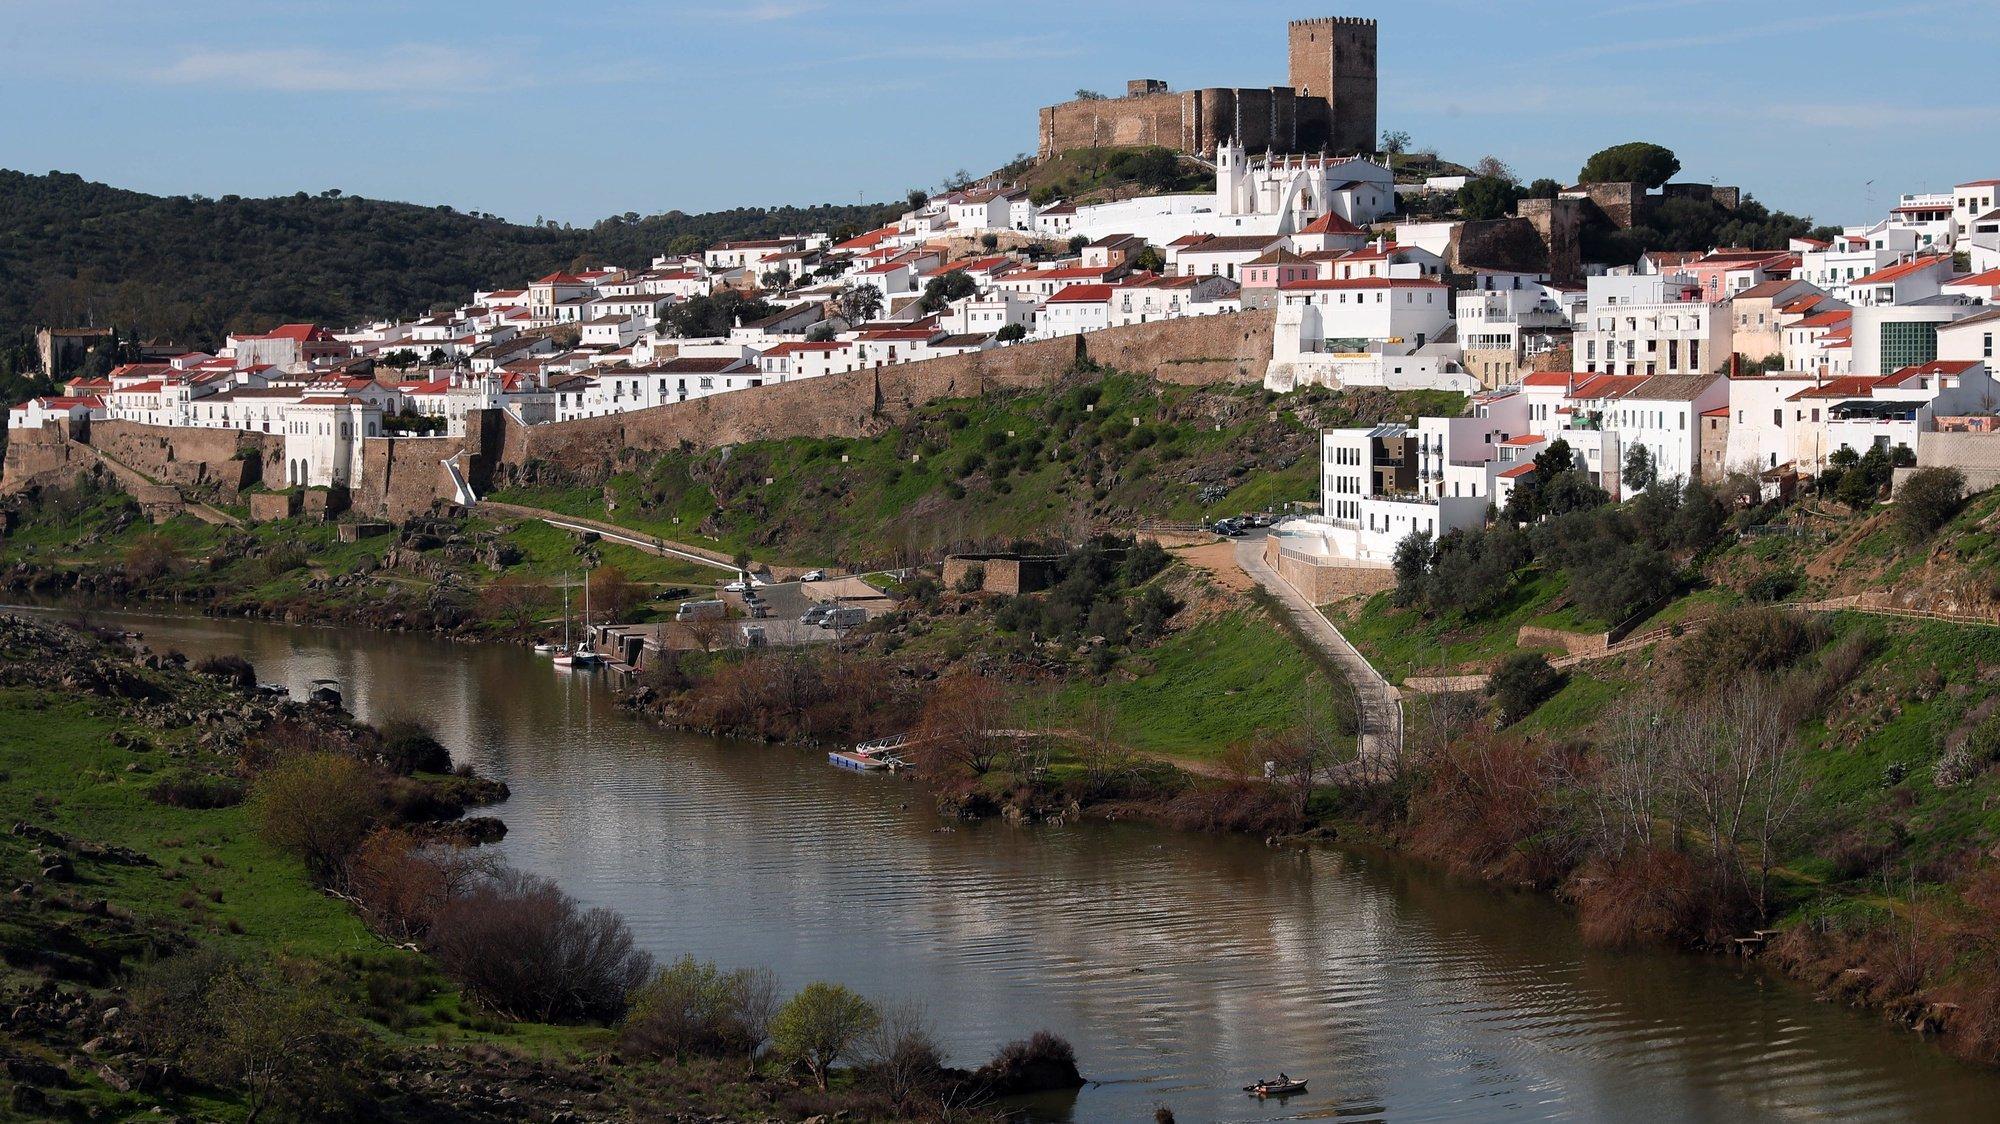 Um pescador no rio Guadiana, junto à vila alentejana de Mértola, a partir de onde a Associação de Defesa do Património de Mértola (ADPM)coordena o projeto Valagua - Valorização Ambiental e Gestão Integrada da Água e dos Habitats no Baixo Guadiana Transfronteiriço, em curso desde 2015 e cofinanciado pelo programa de fundos comunitários Interreg Espanha-Portugal., Mértola, 05 de janeiro de 2020.  (ACOMPANHA TEXTO DE 08 FEVEREIRO 2020).  NUNO VEIGA/LUSA